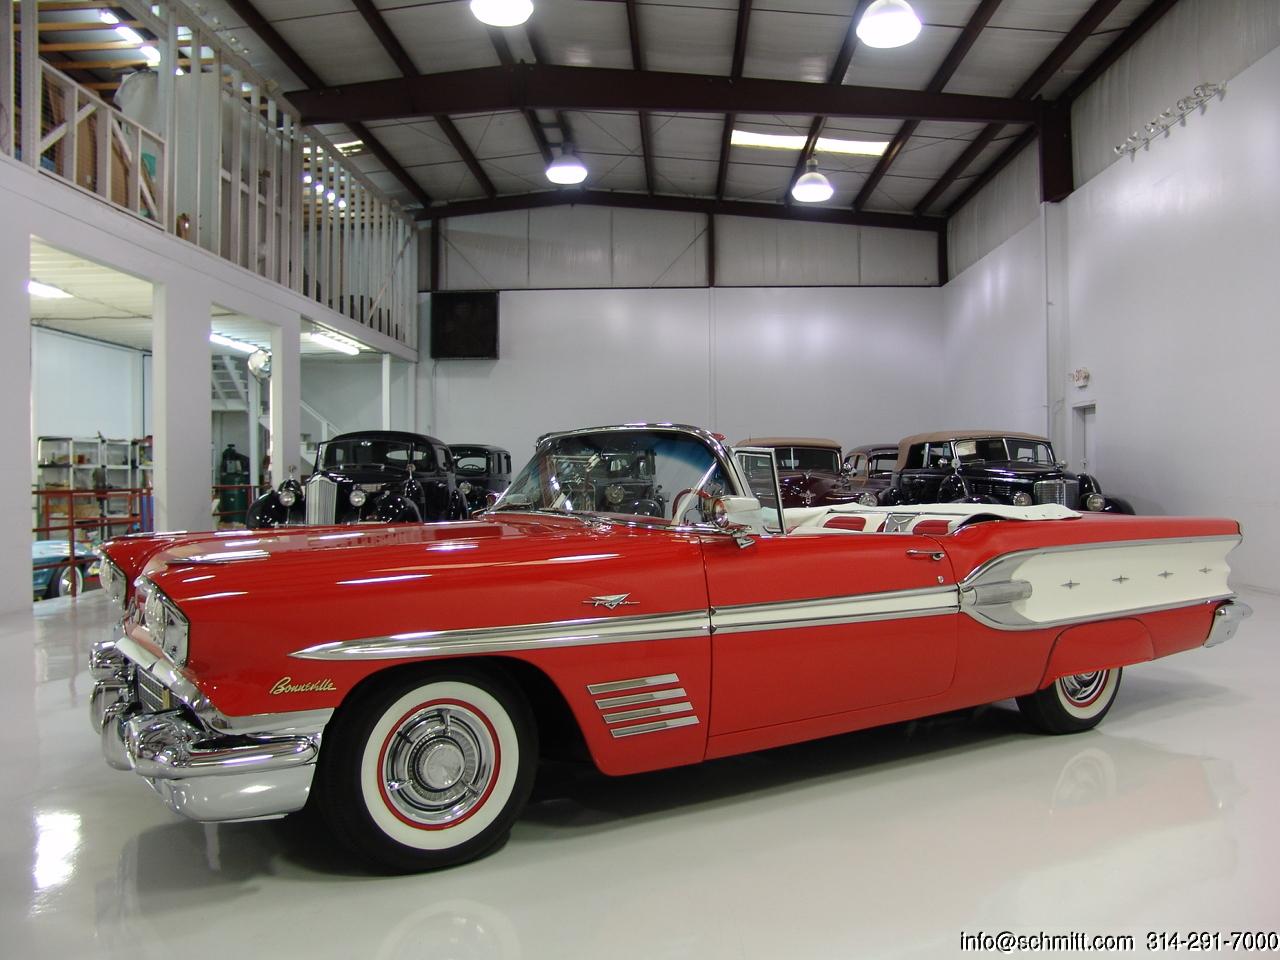 Pics photos 1958 pontiac for sale - Pics Photos 1958 Pontiac For Sale 26